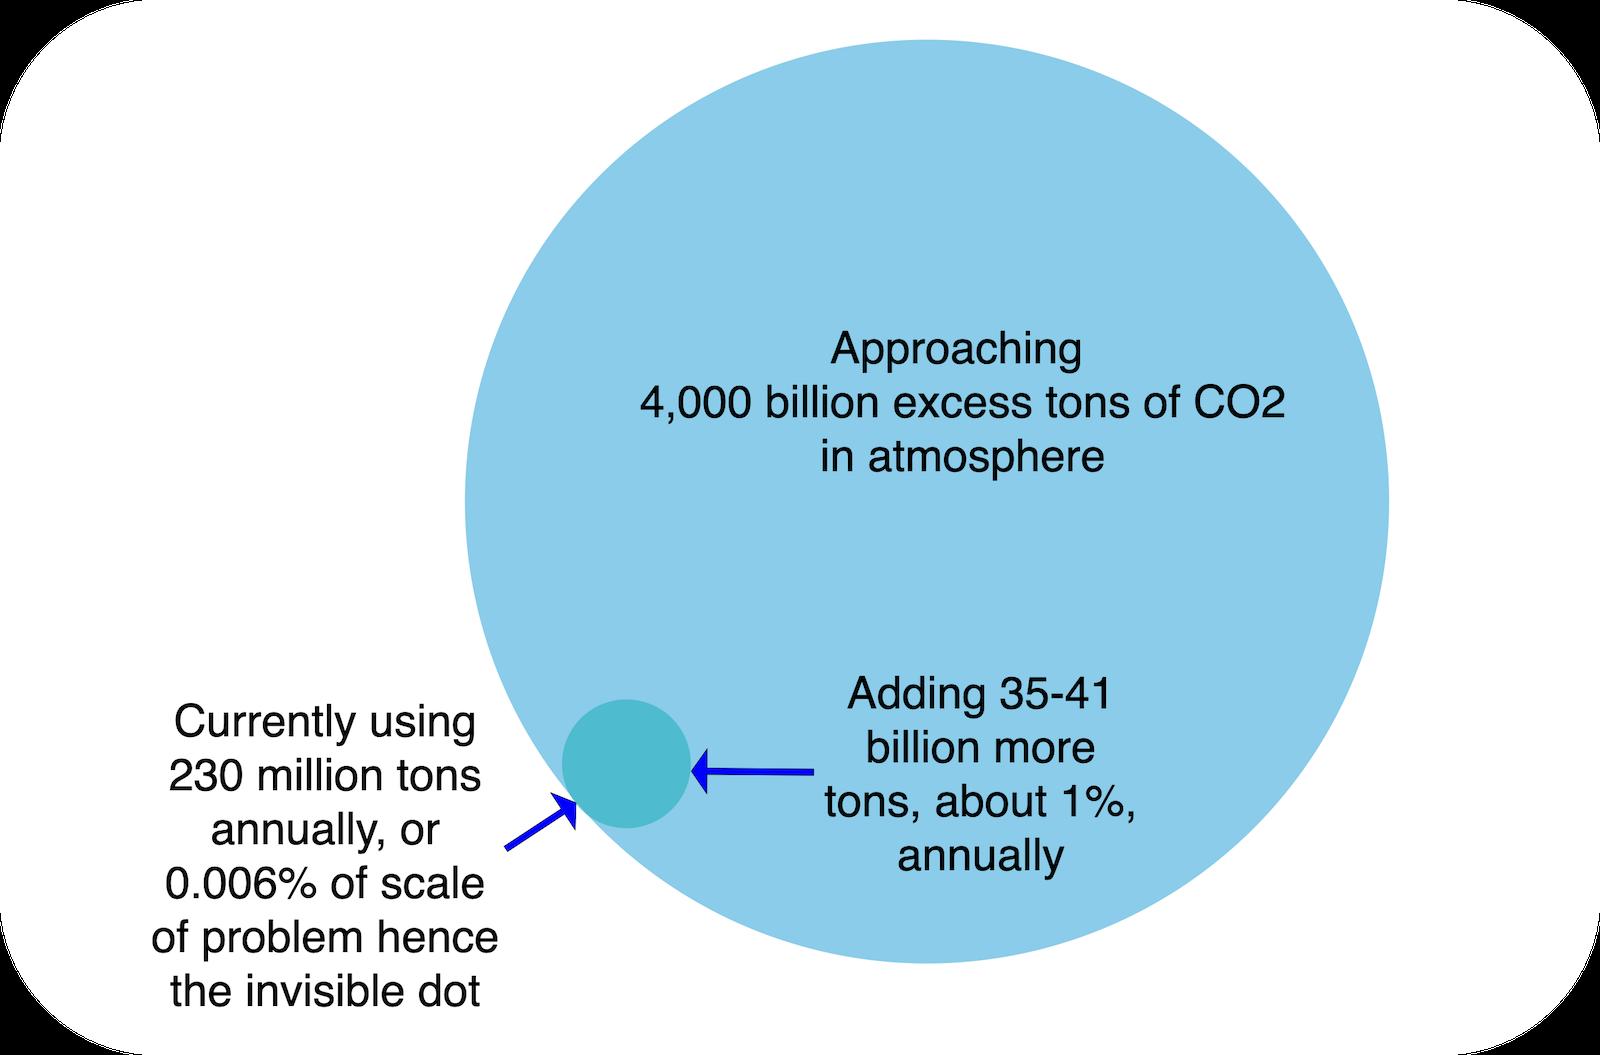 Gráfico que muestra las proporciones relativas del exceso de CO2 frente al pequeño mercado mundial de productos básicos de CO2